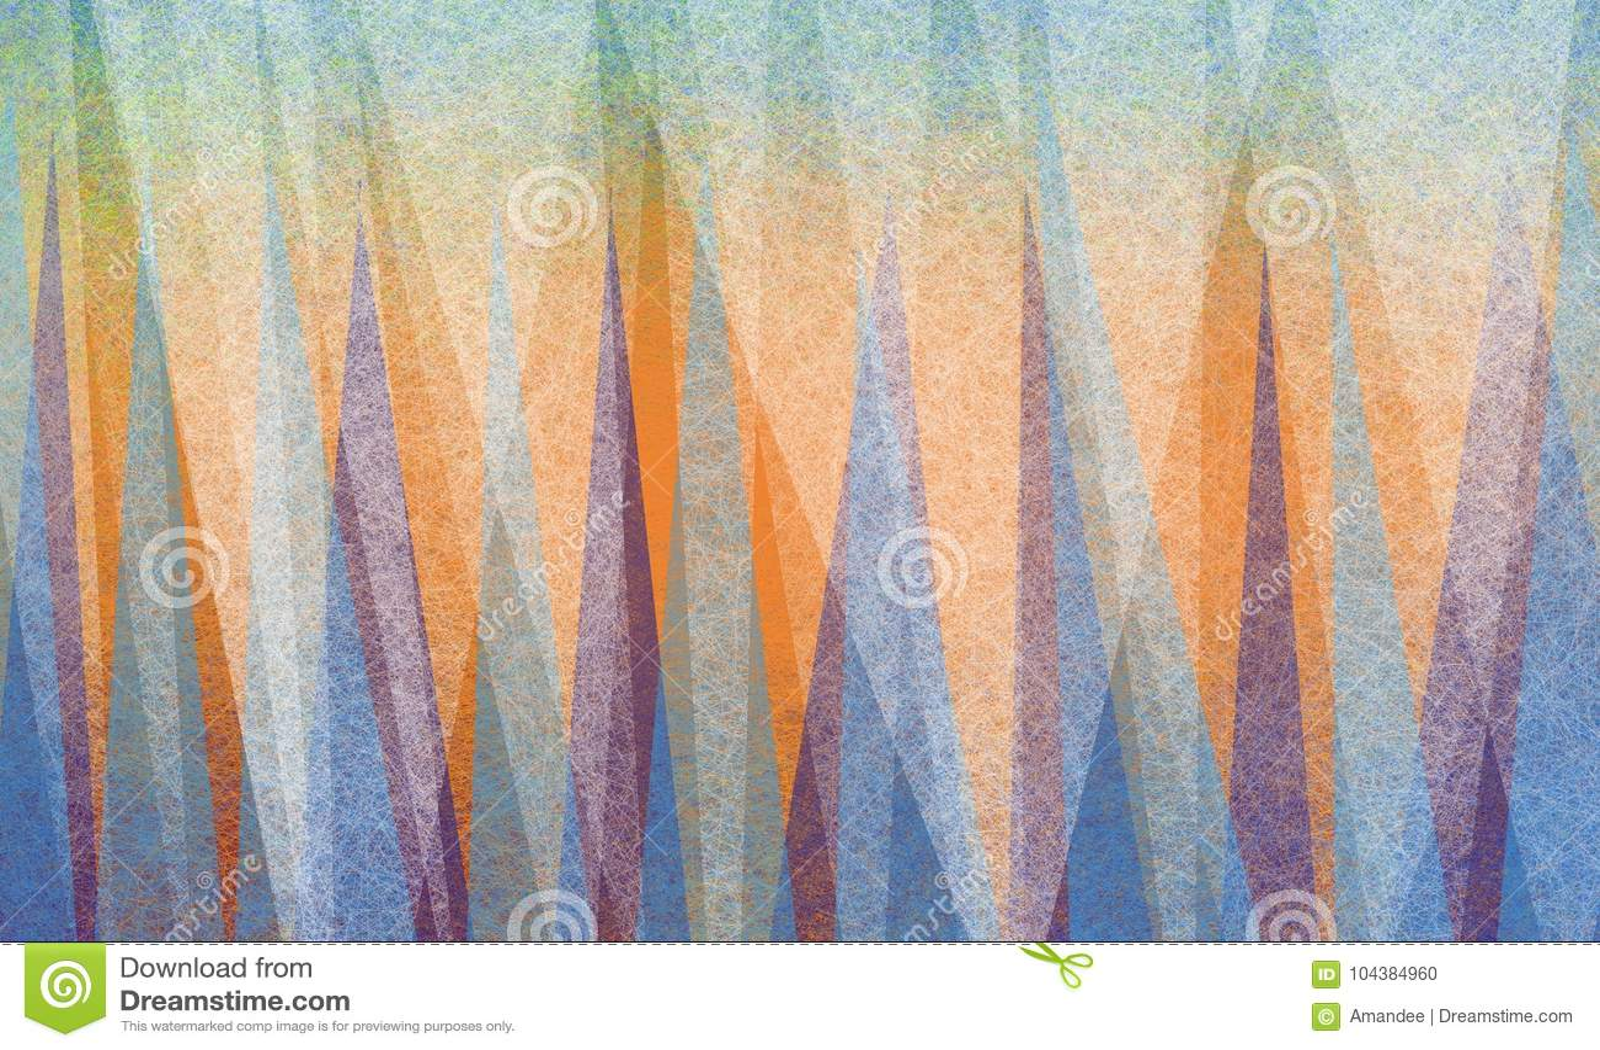 La progettazione astratta del fondo con il triangolo modella nella struttura bianca della pergamena sui cocci variopinti luminosi